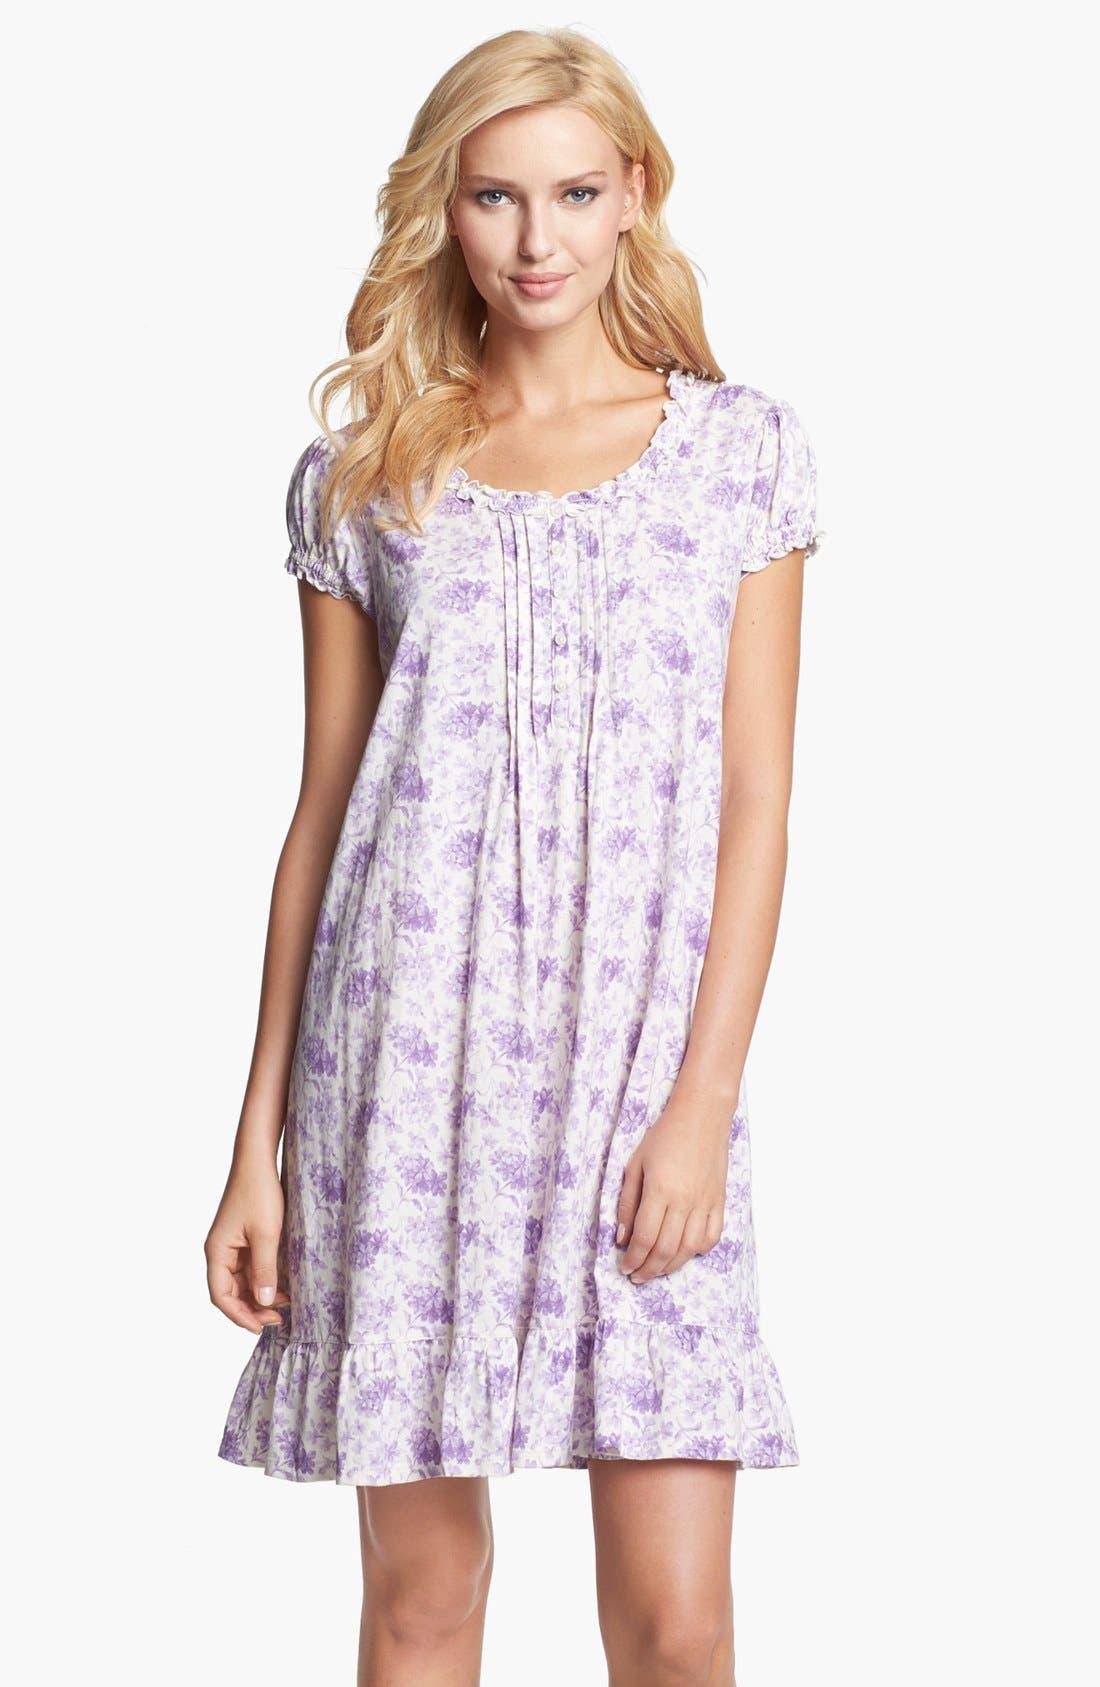 Alternate Image 1 Selected - Lauren Ralph Lauren 'Dunmore' Cotton Jersey Nightgown